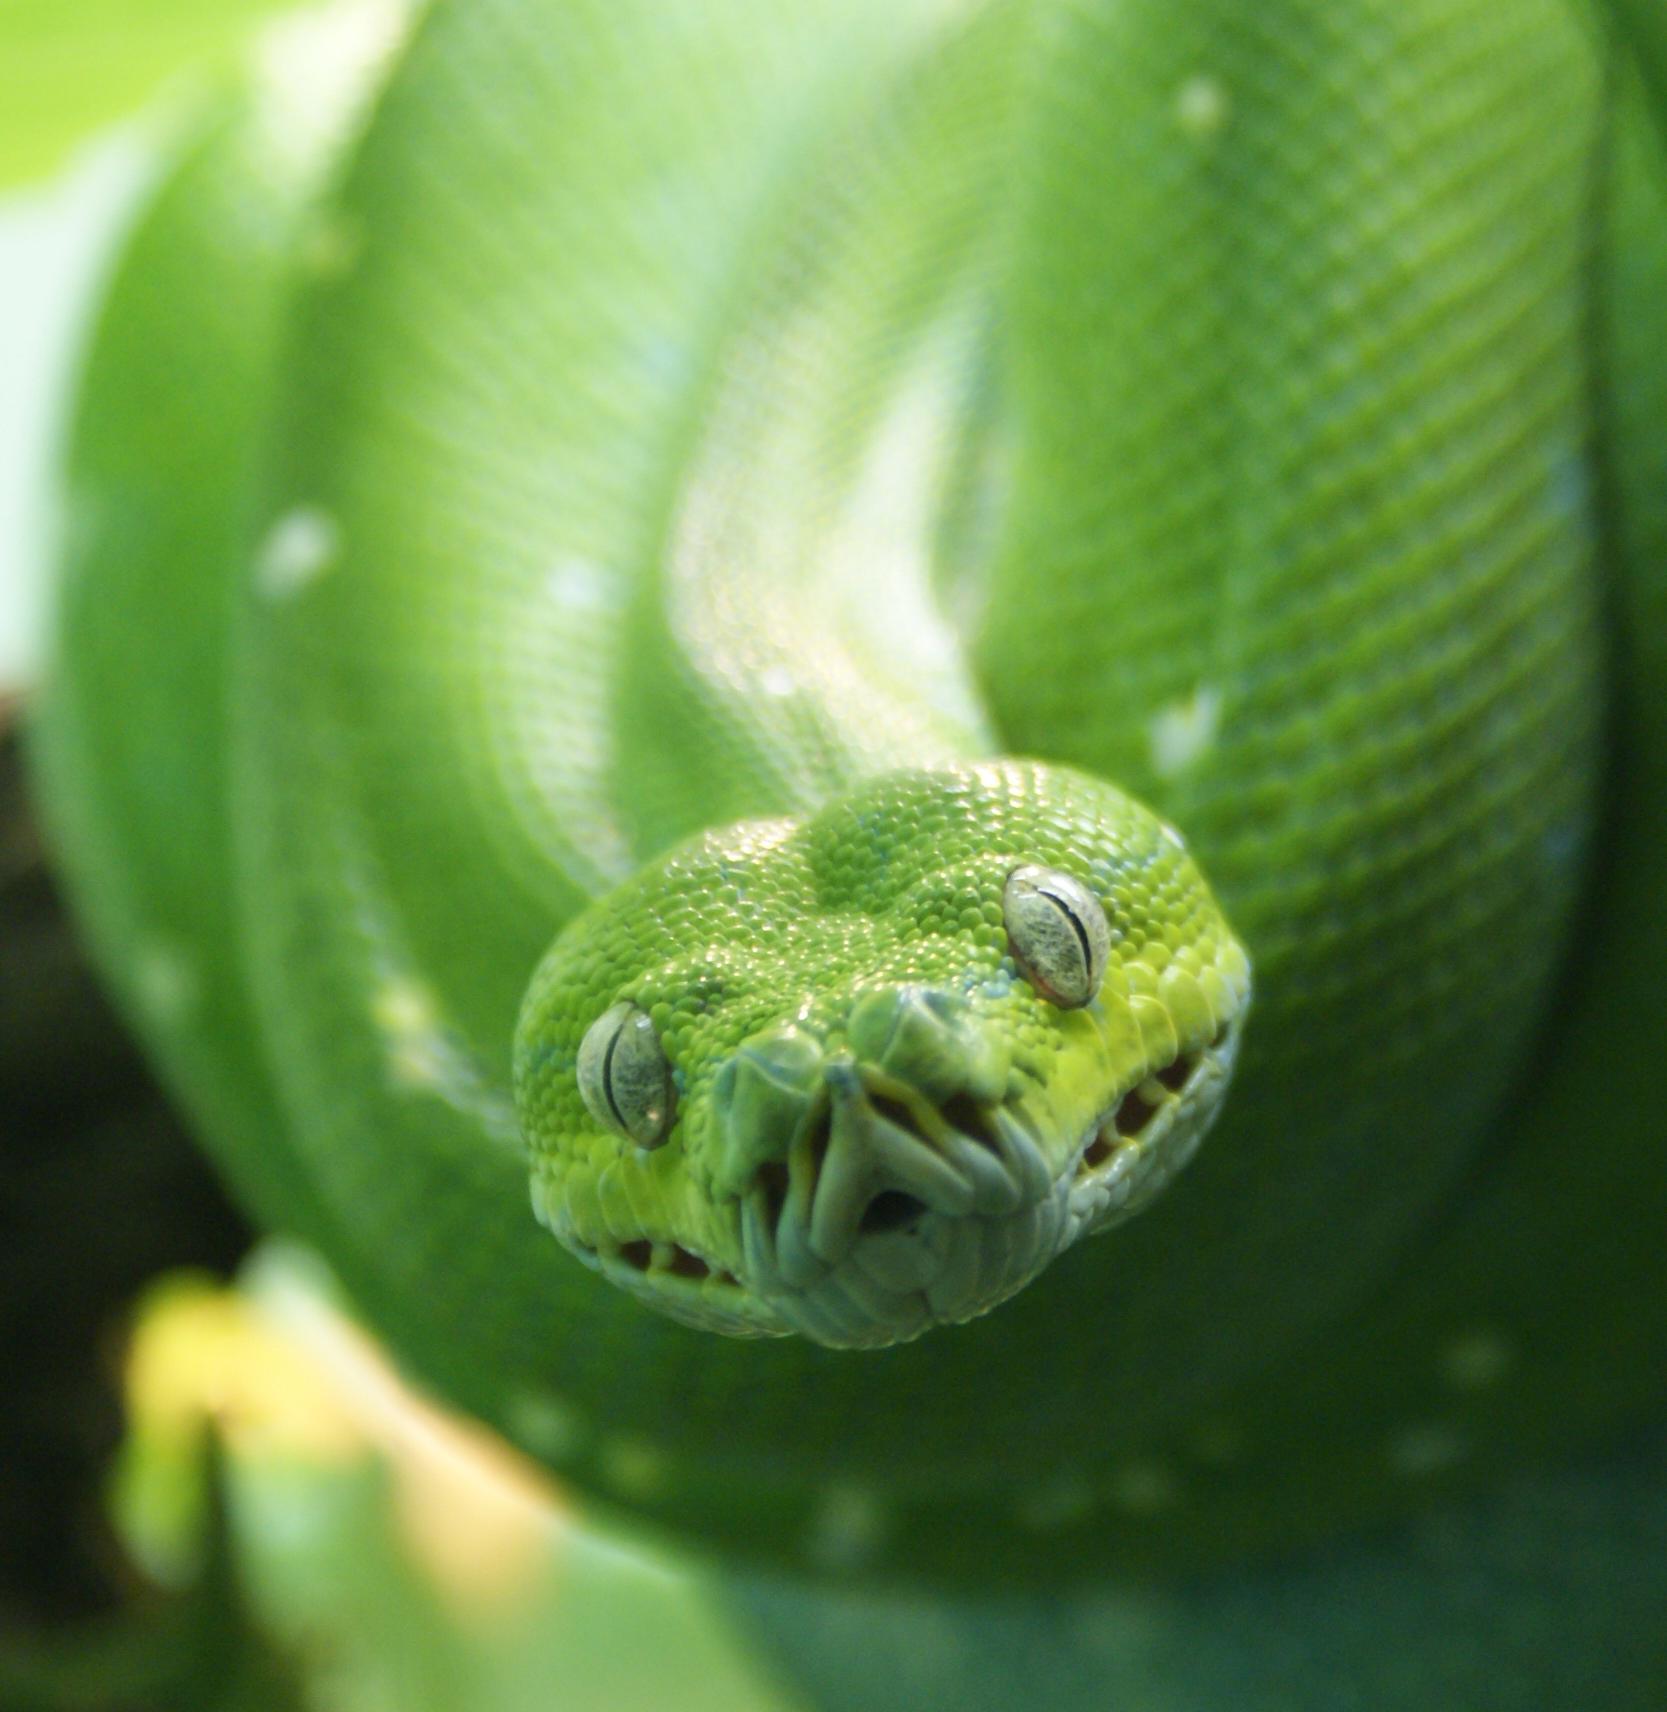 File:Morelia viridis 4.jpg.